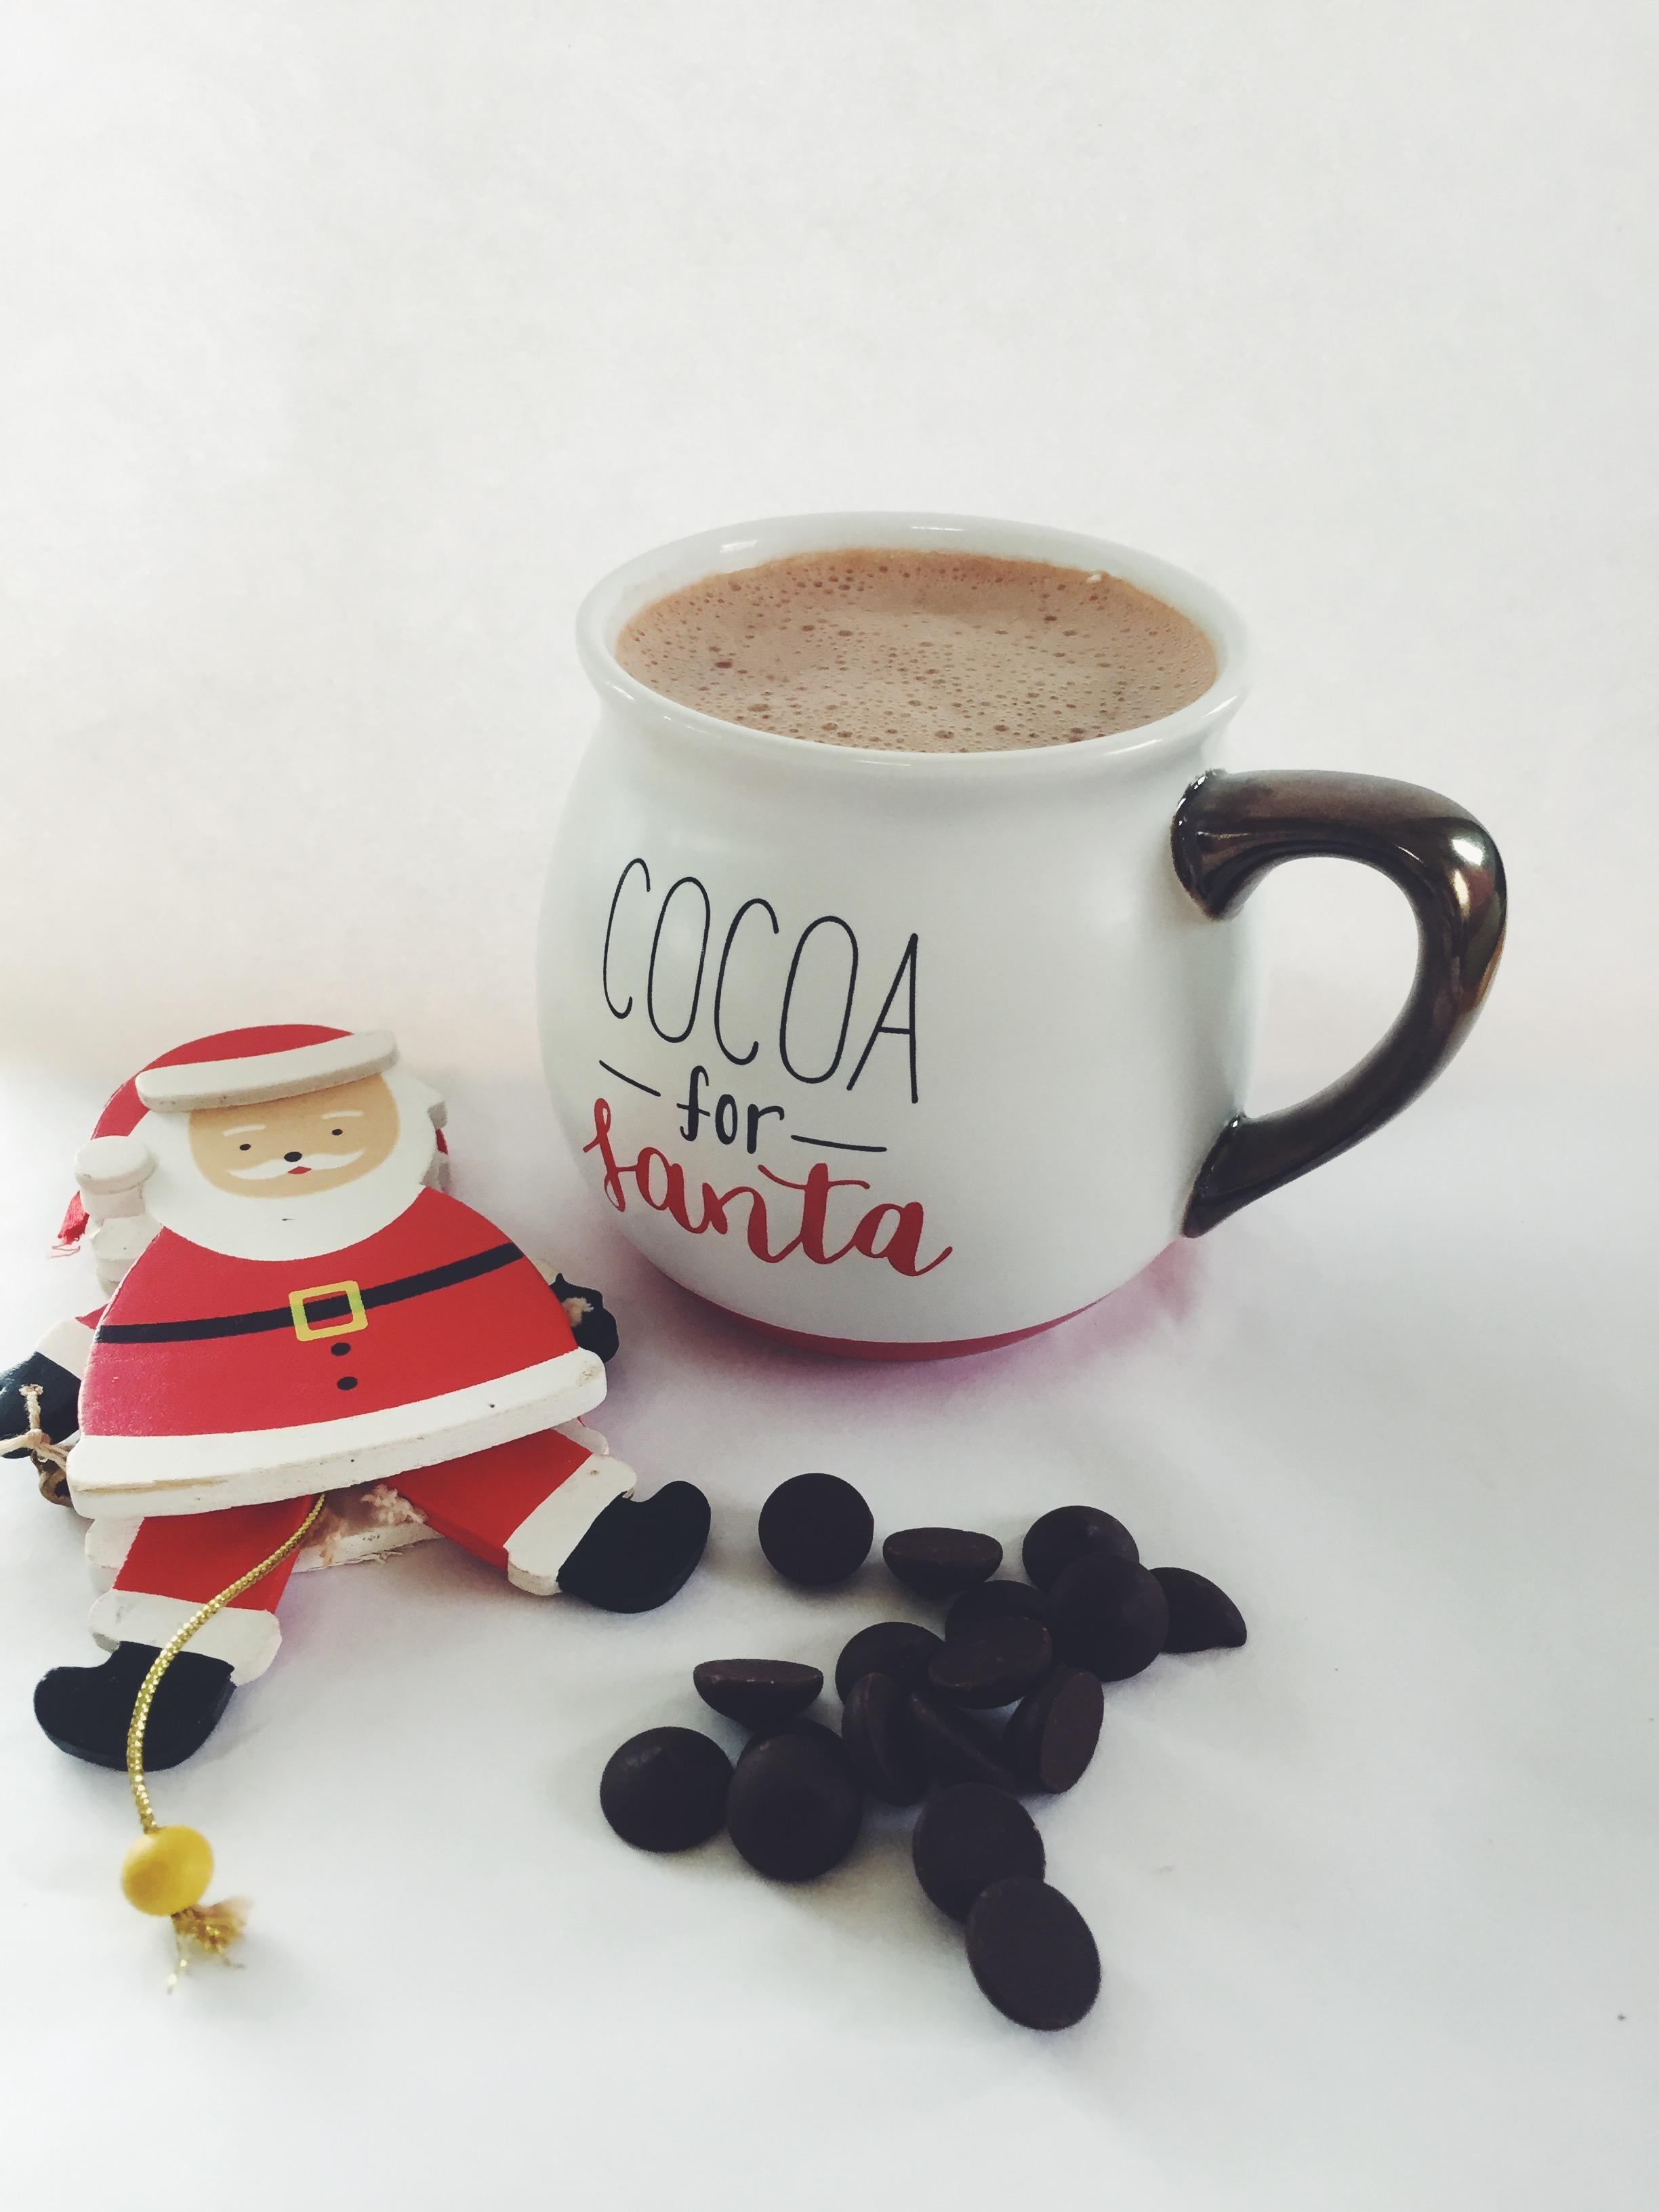 cocoa for santa